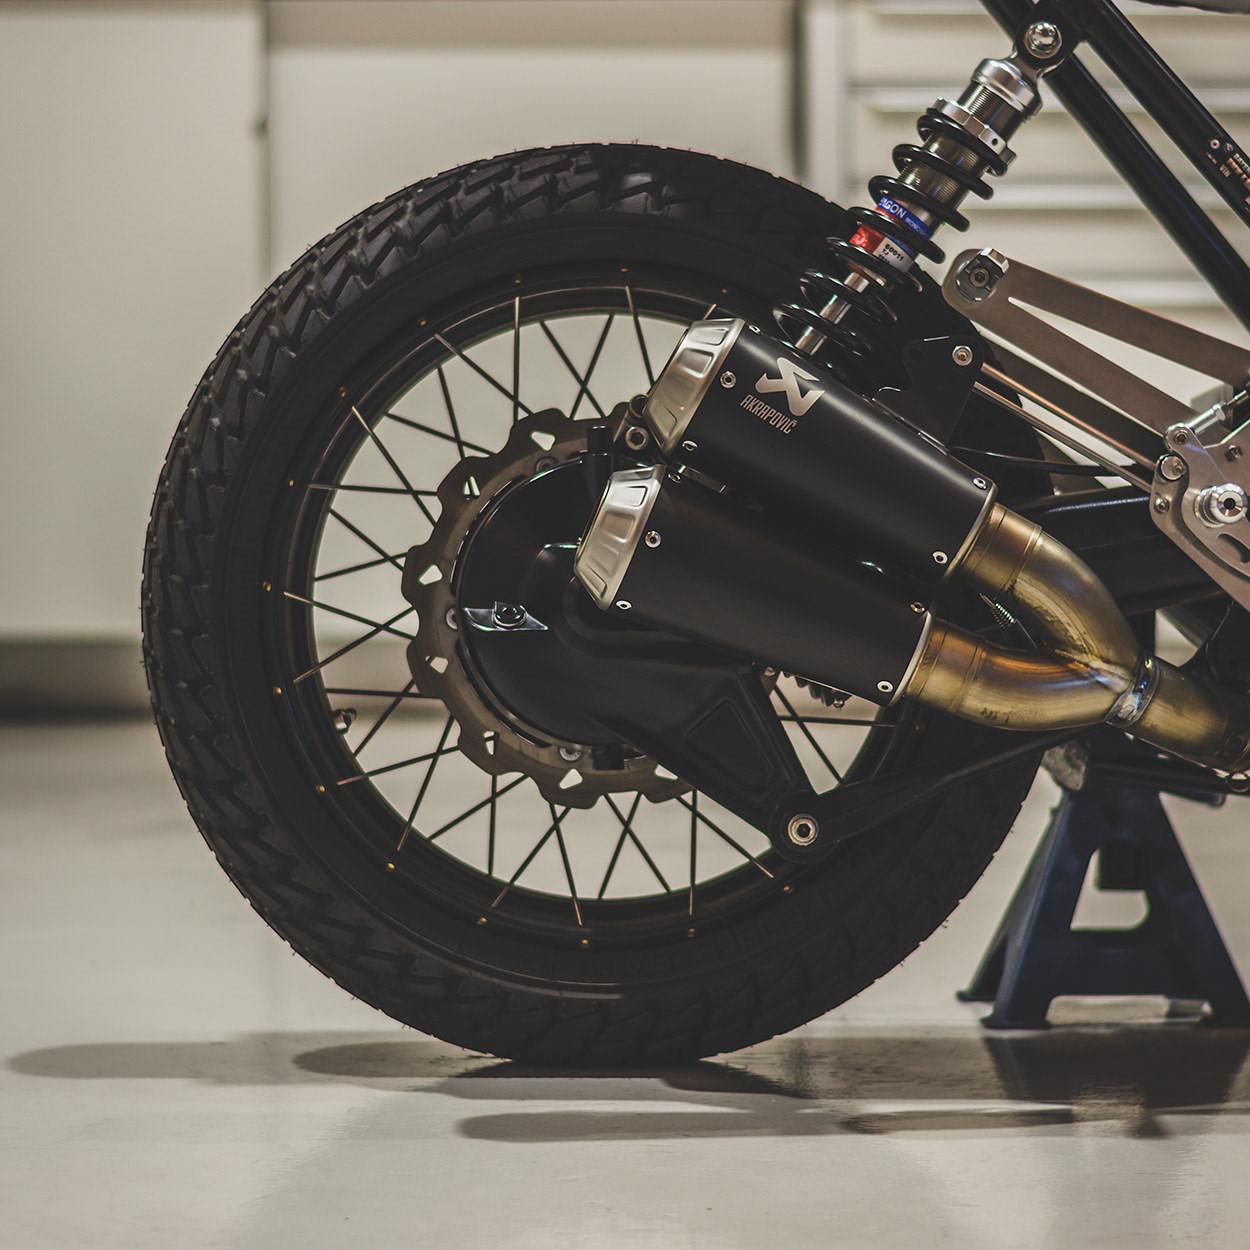 Mẫu độ BMW K100 Cafe racer mới nhất từ Bolt Motor Ảnh 4